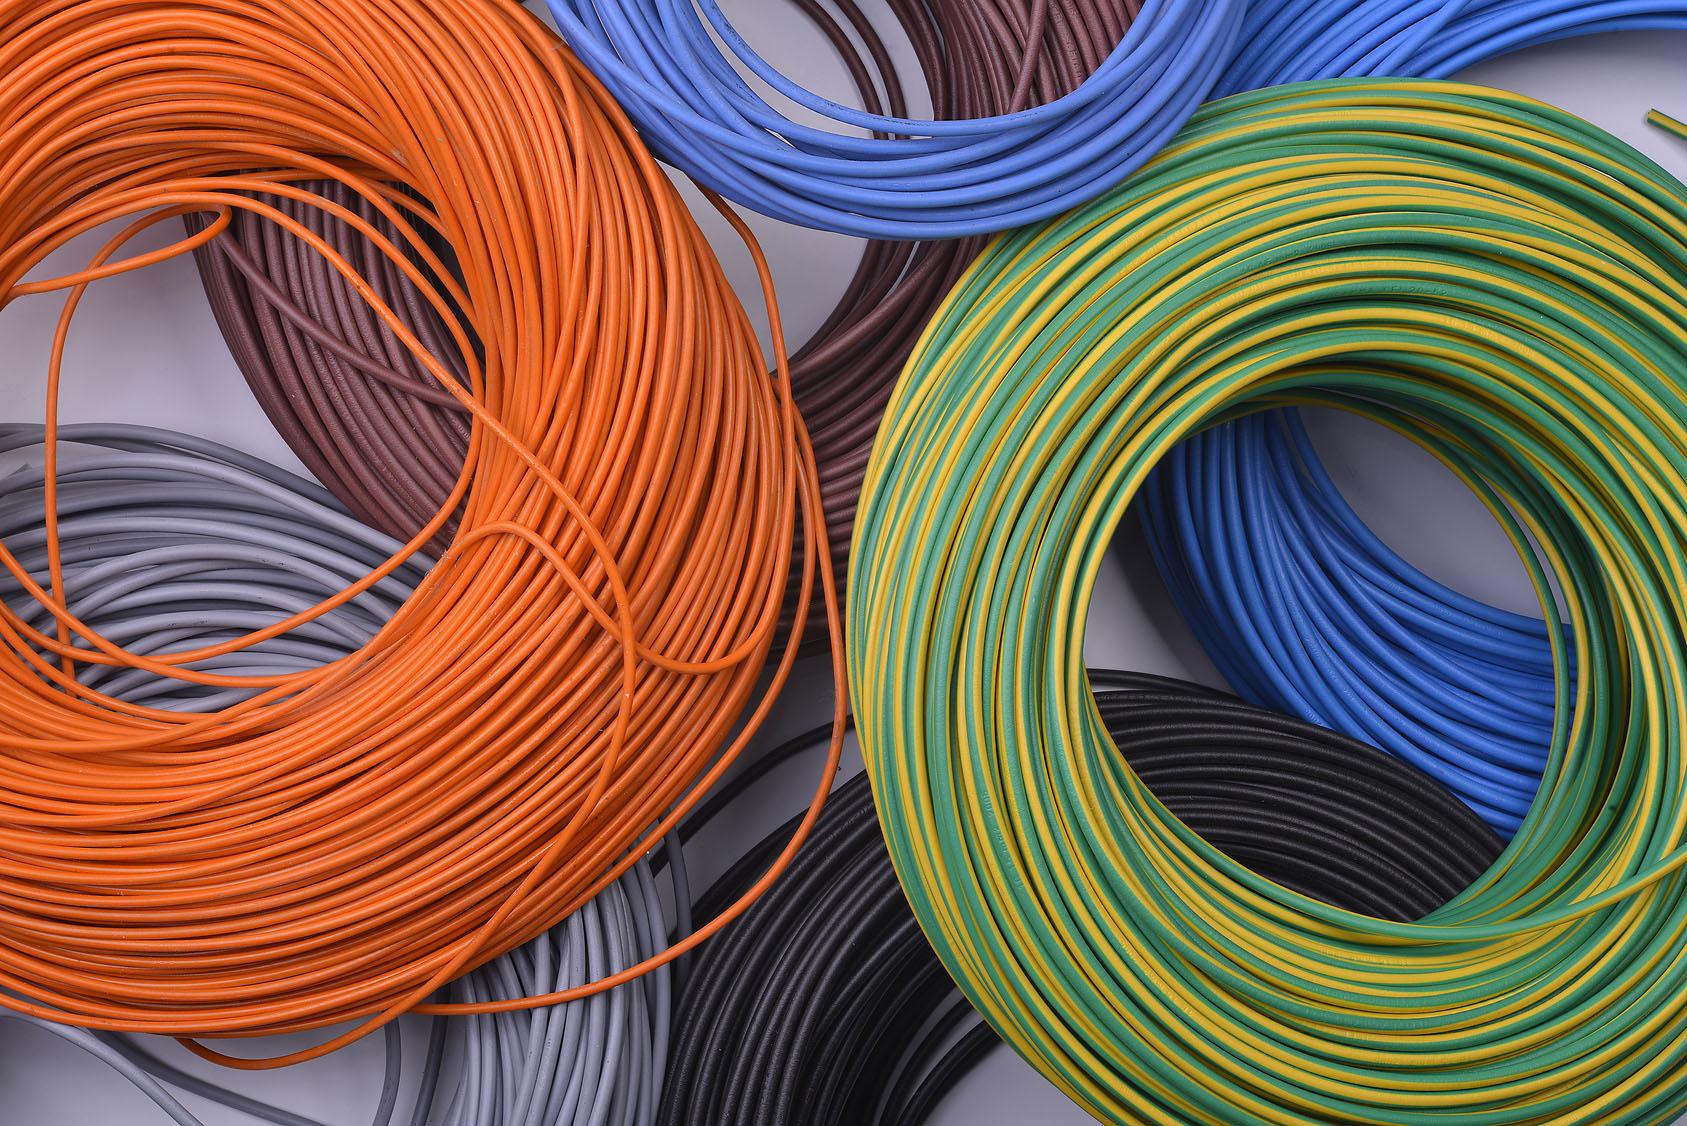 Jaguar-Industries-Cable Cables